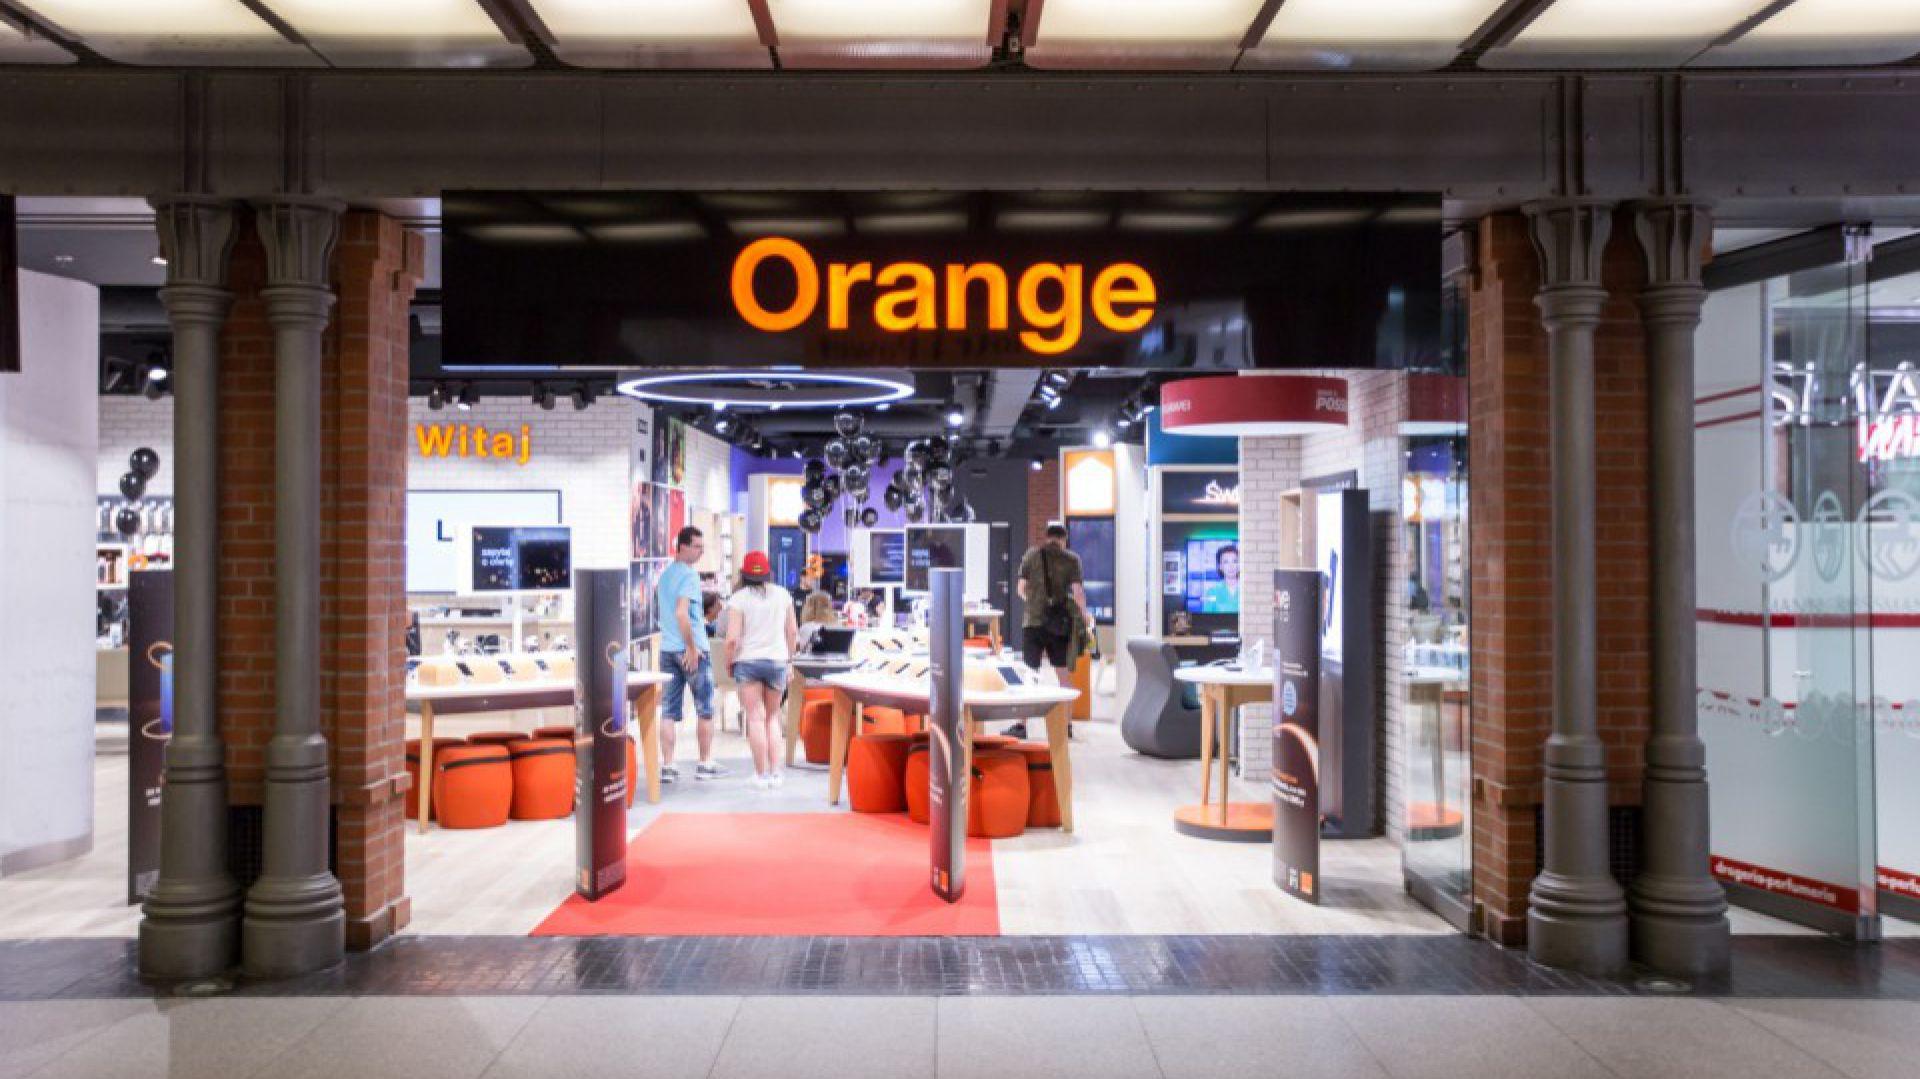 Orange Smart Store, fot. Jakub Wittchen